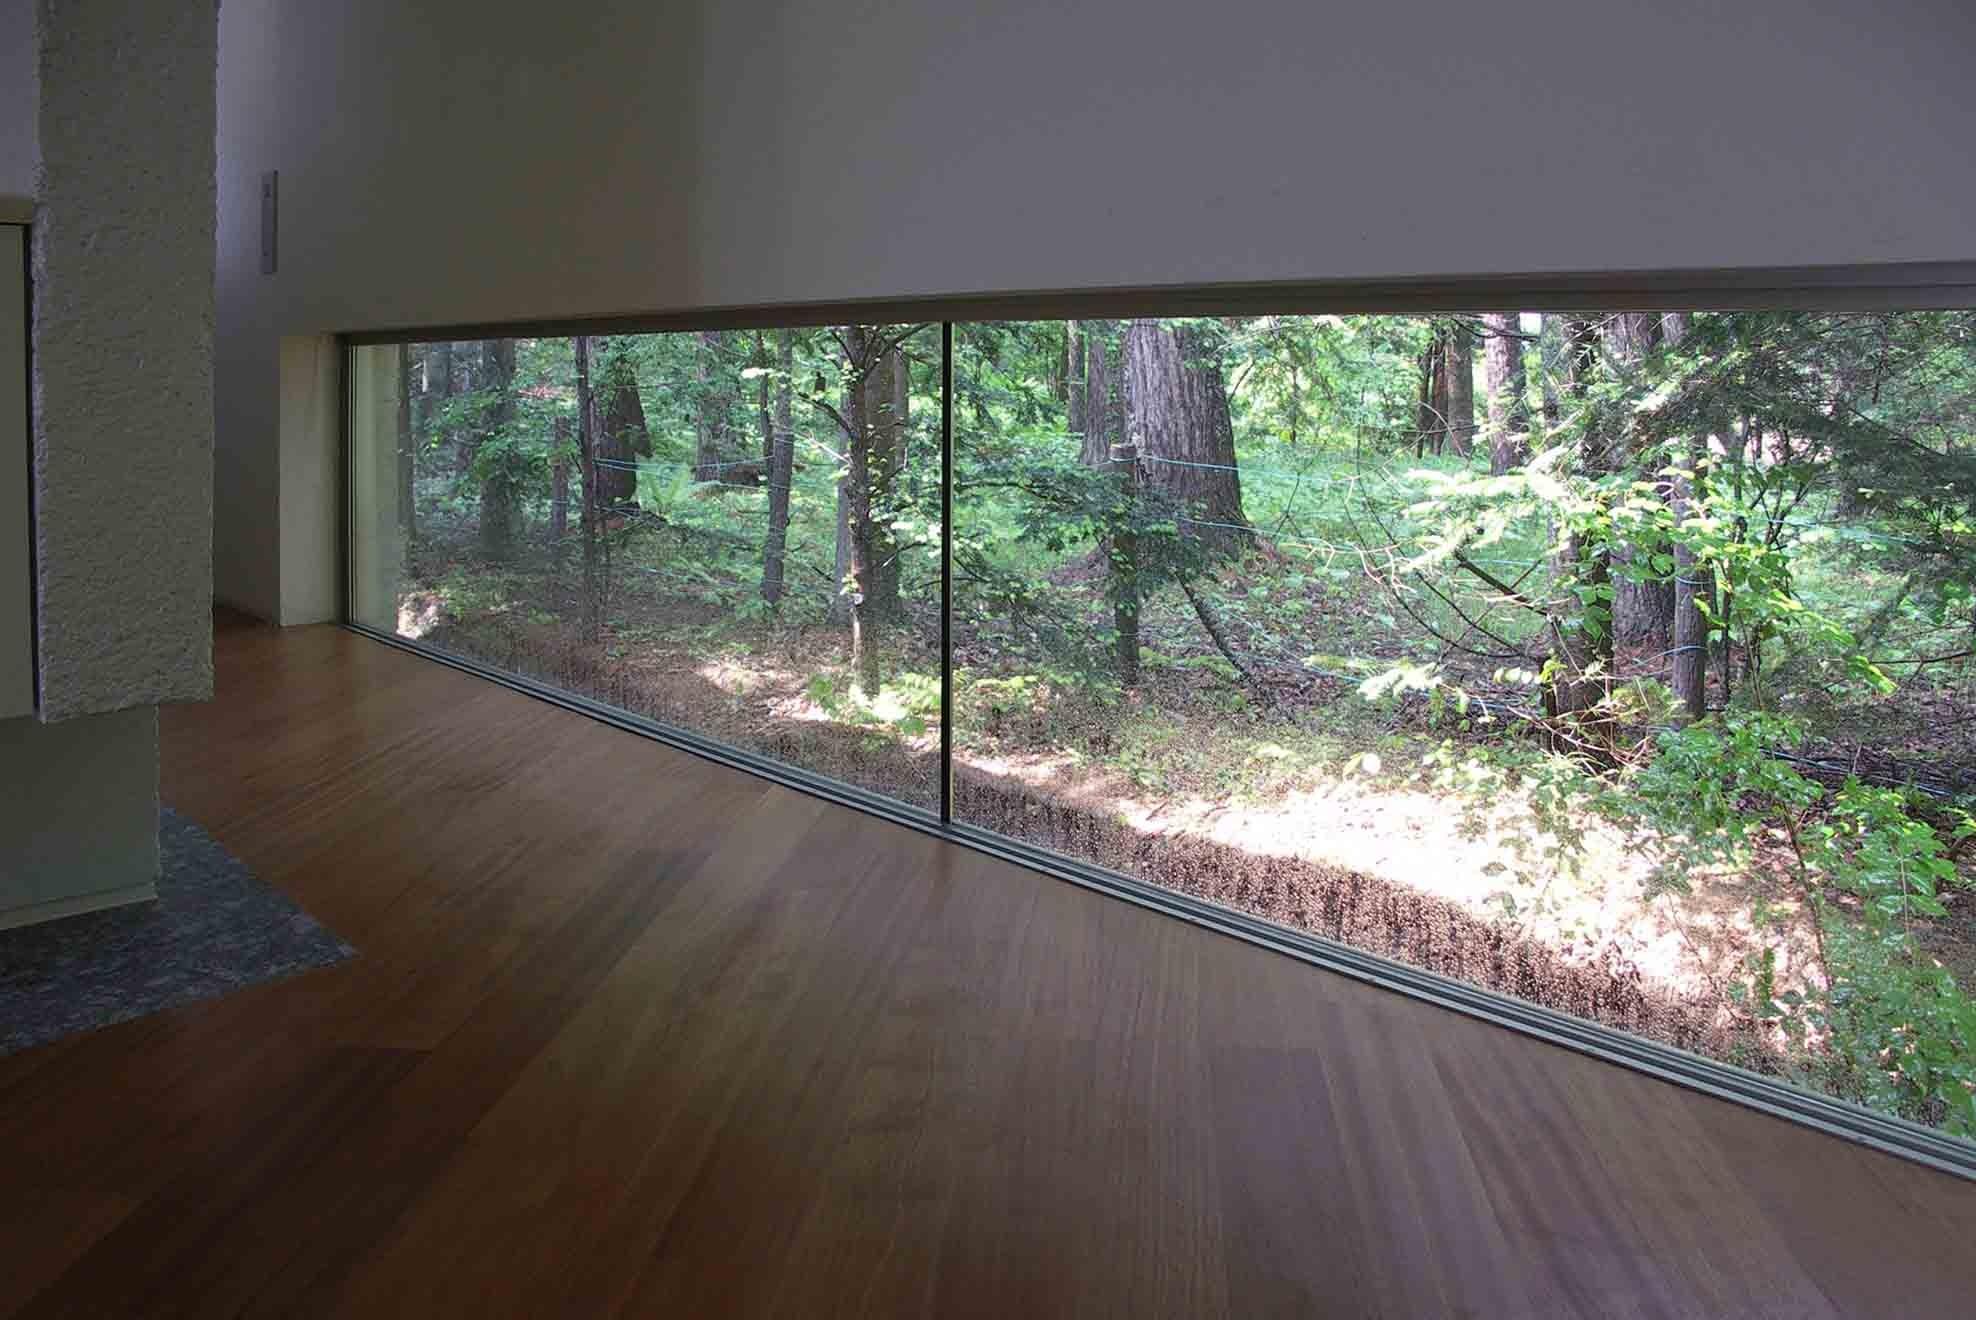 リビングダイニング事例:エントランスホール突き当りの地窓からは隣地の広大な原生林が借景として見えるようになっている(中軽井沢、地窓から裏手の広大な森が目に入る緑に囲まれた住まい)